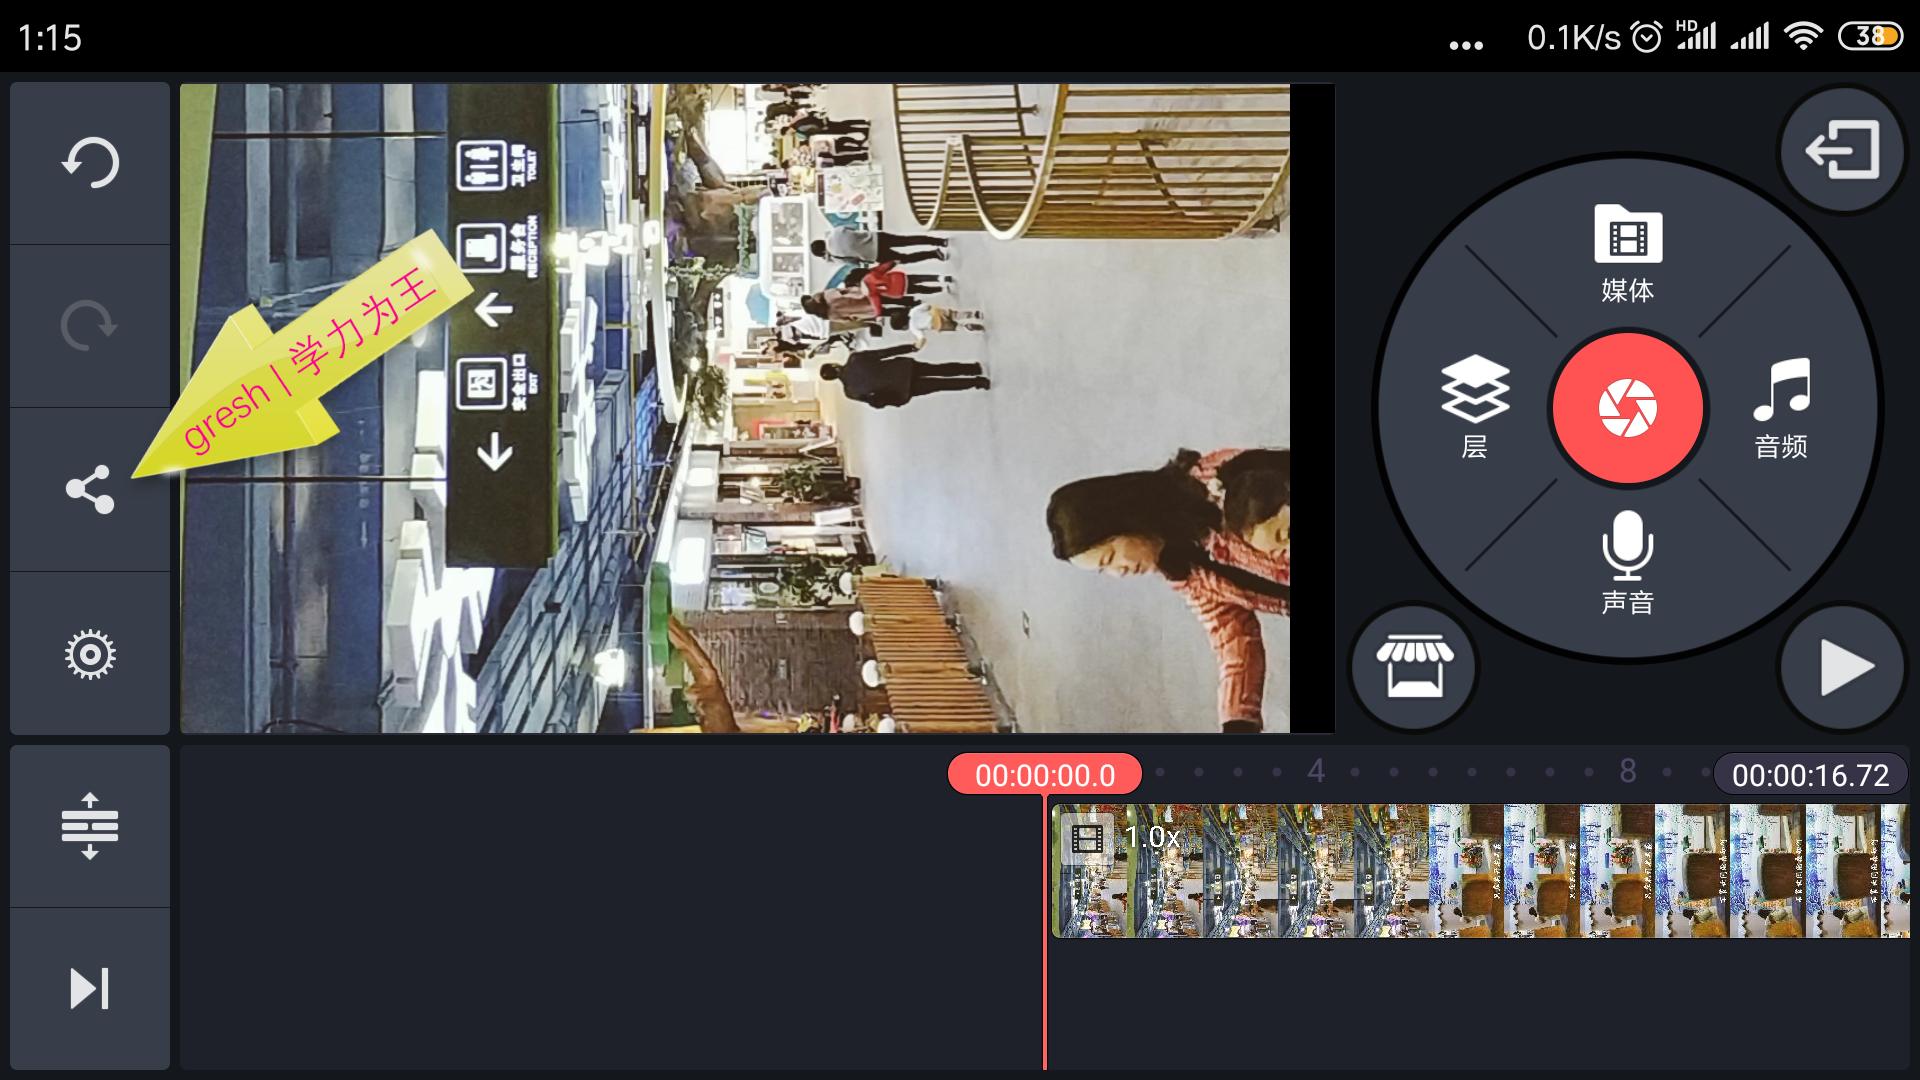 视频横着怎么竖过来手机(一文解析转换方法)